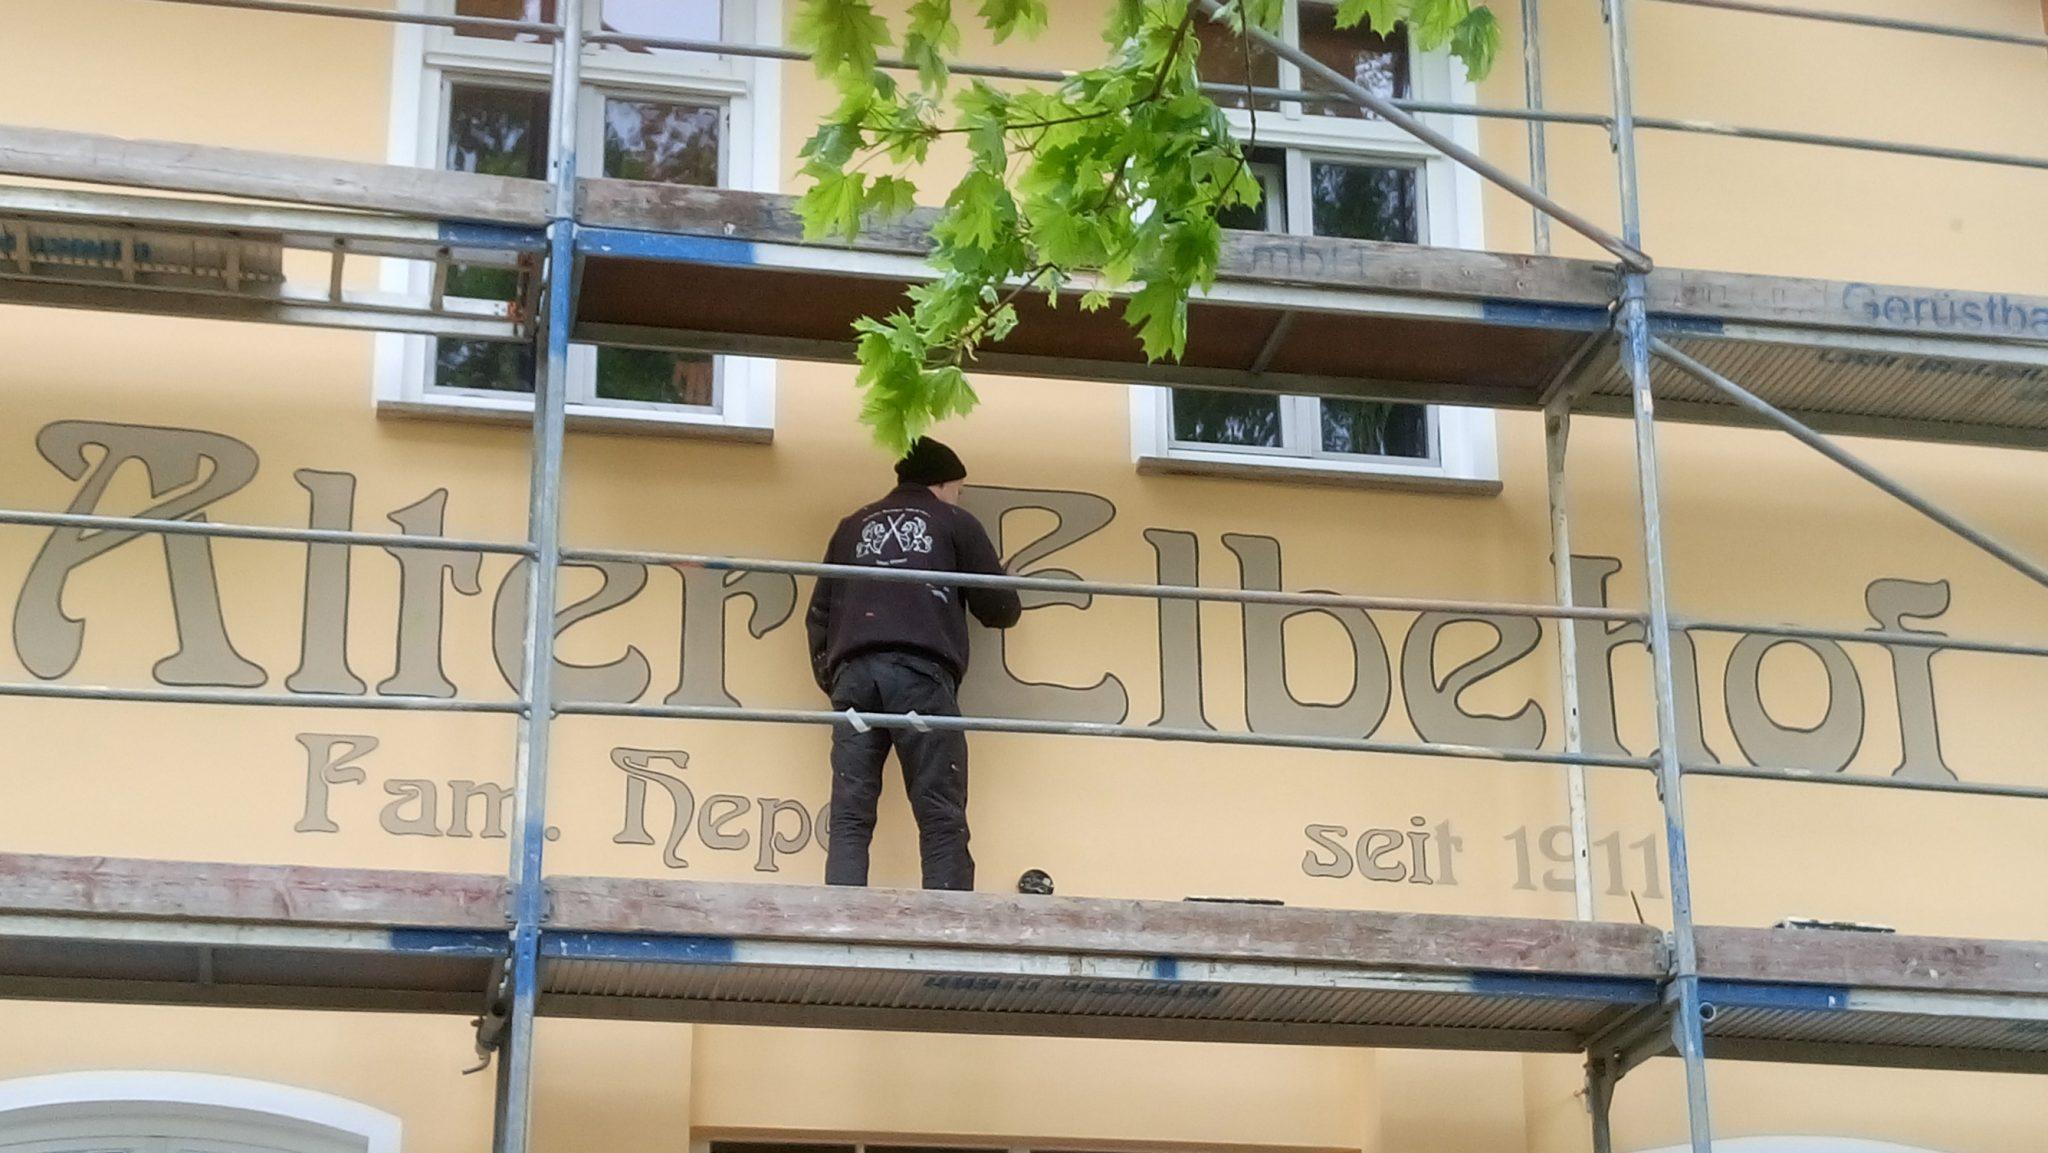 Atelier-Witzmann gestaltet eine Fassadenbeschriftung.